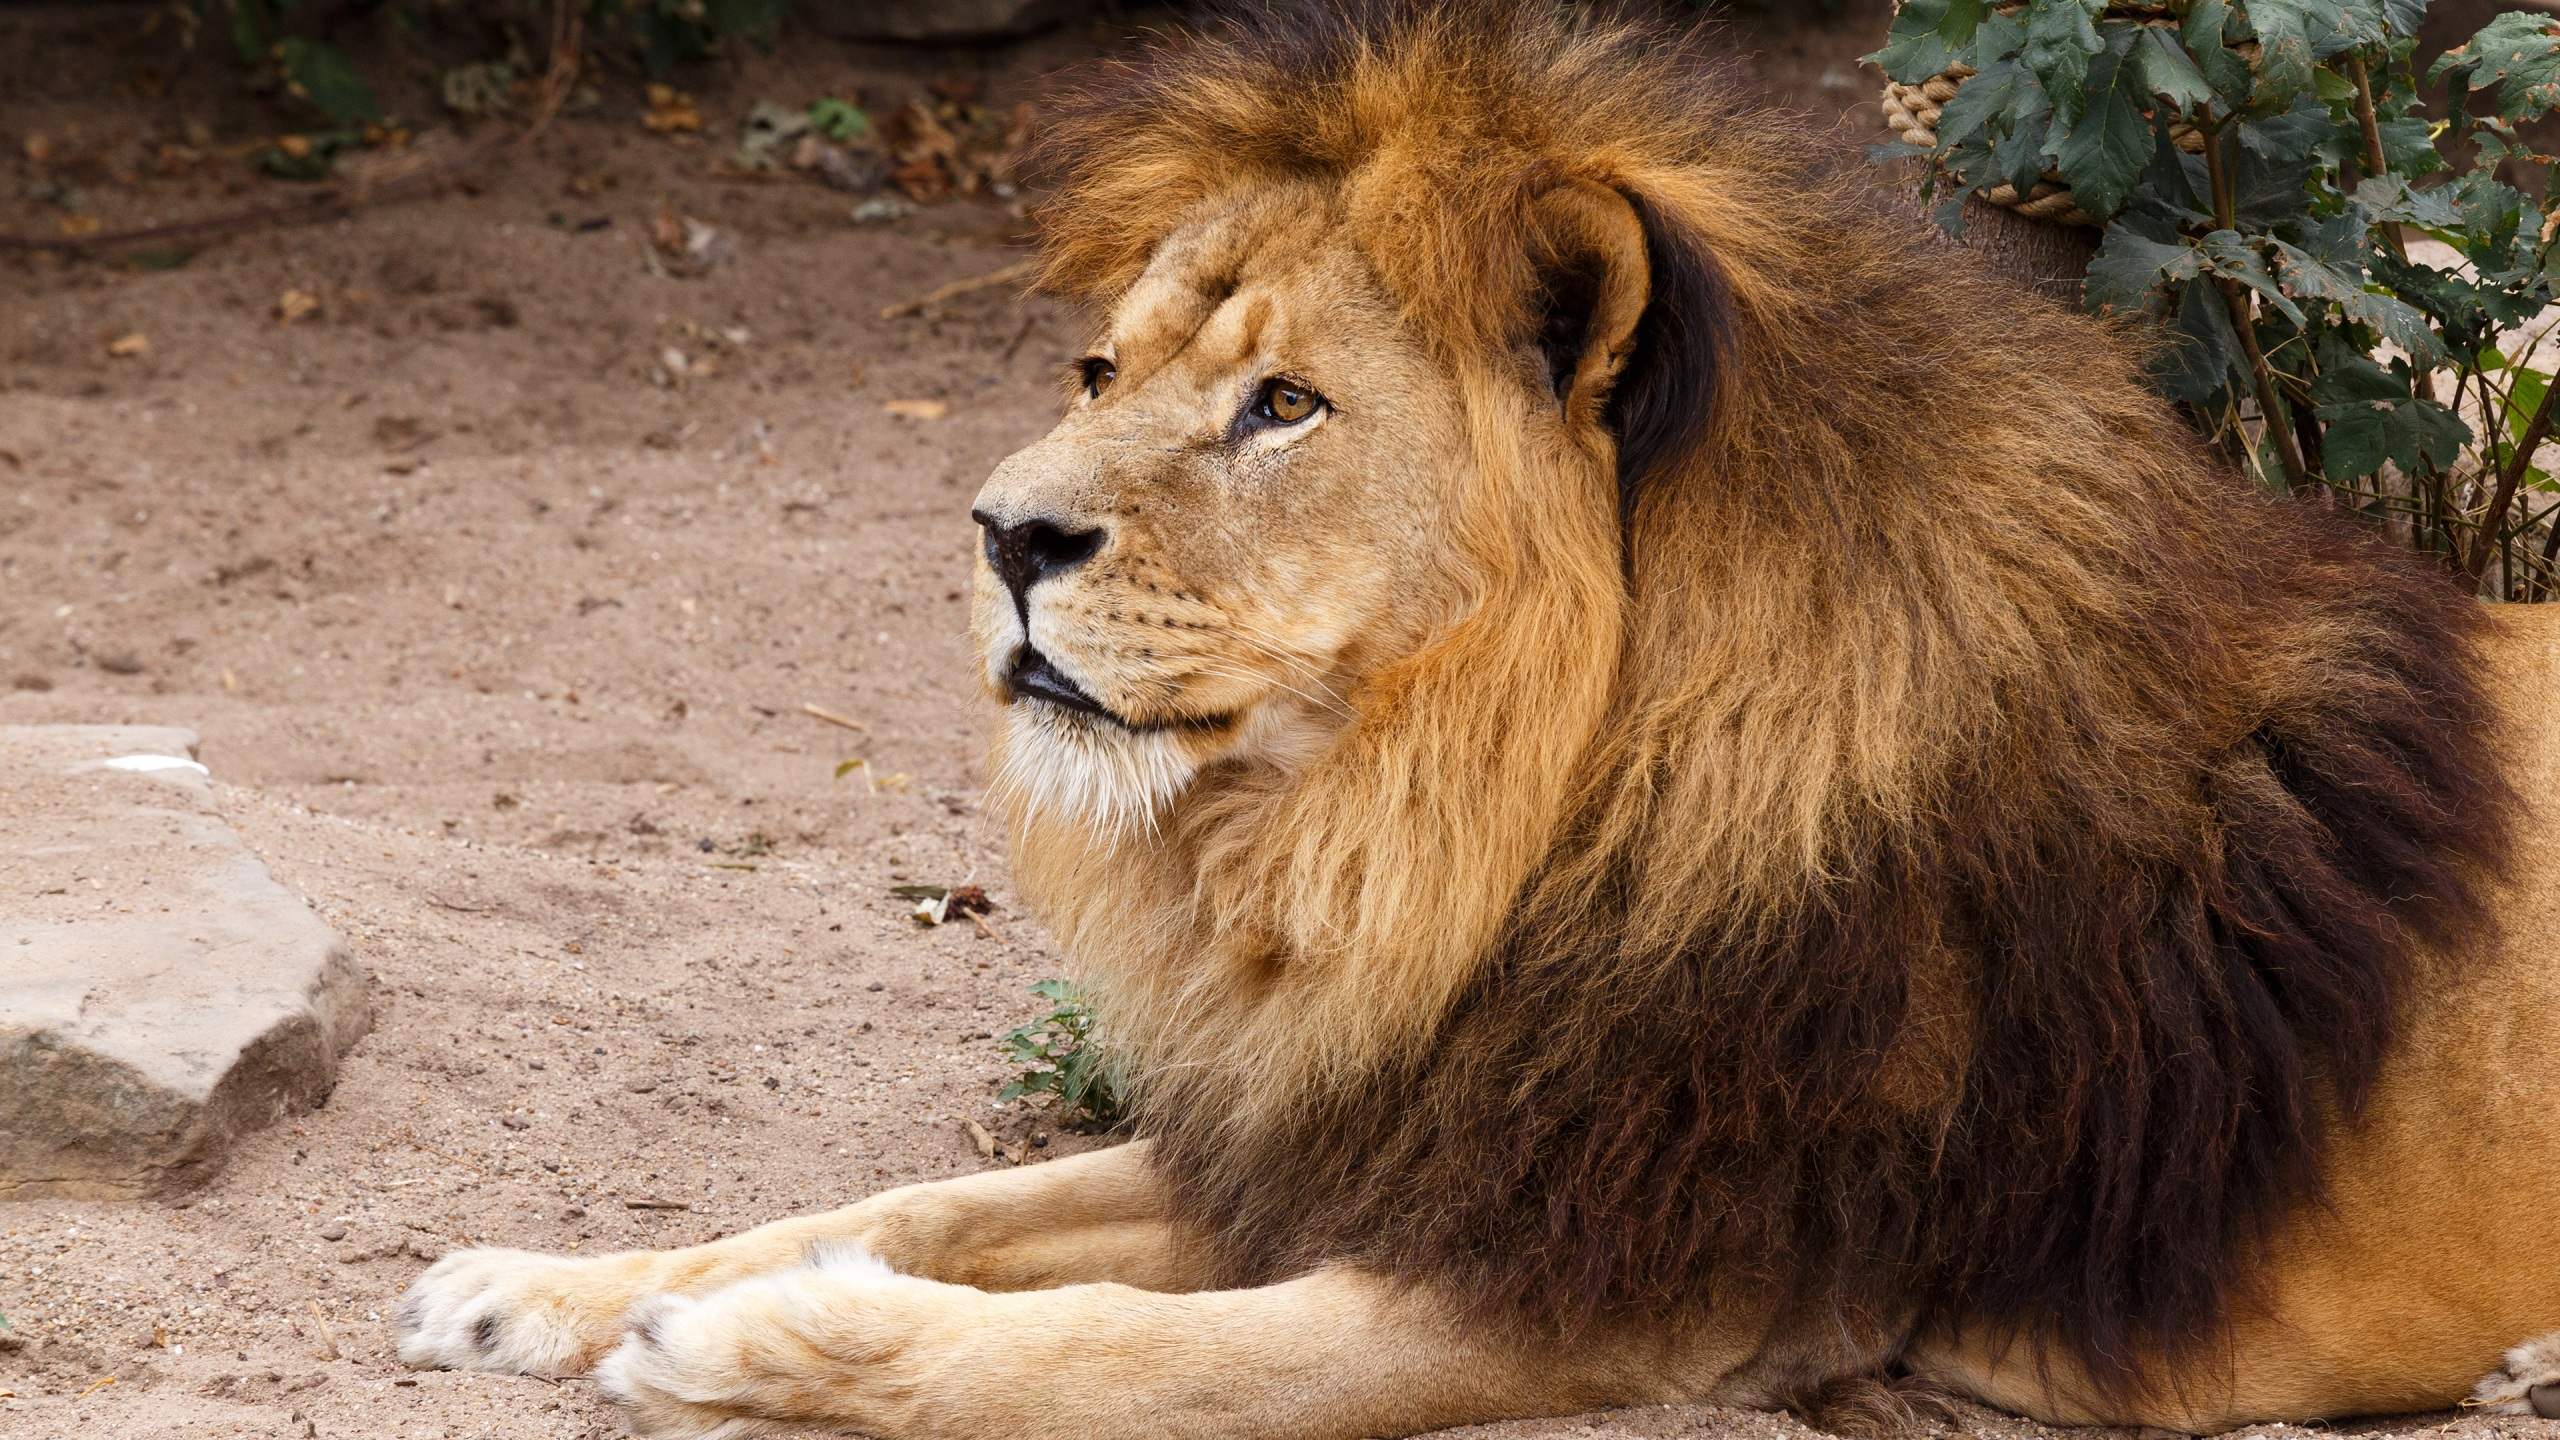 Fonds Decran 2560x1440 Lions Voir Patte Animaux Télécharger